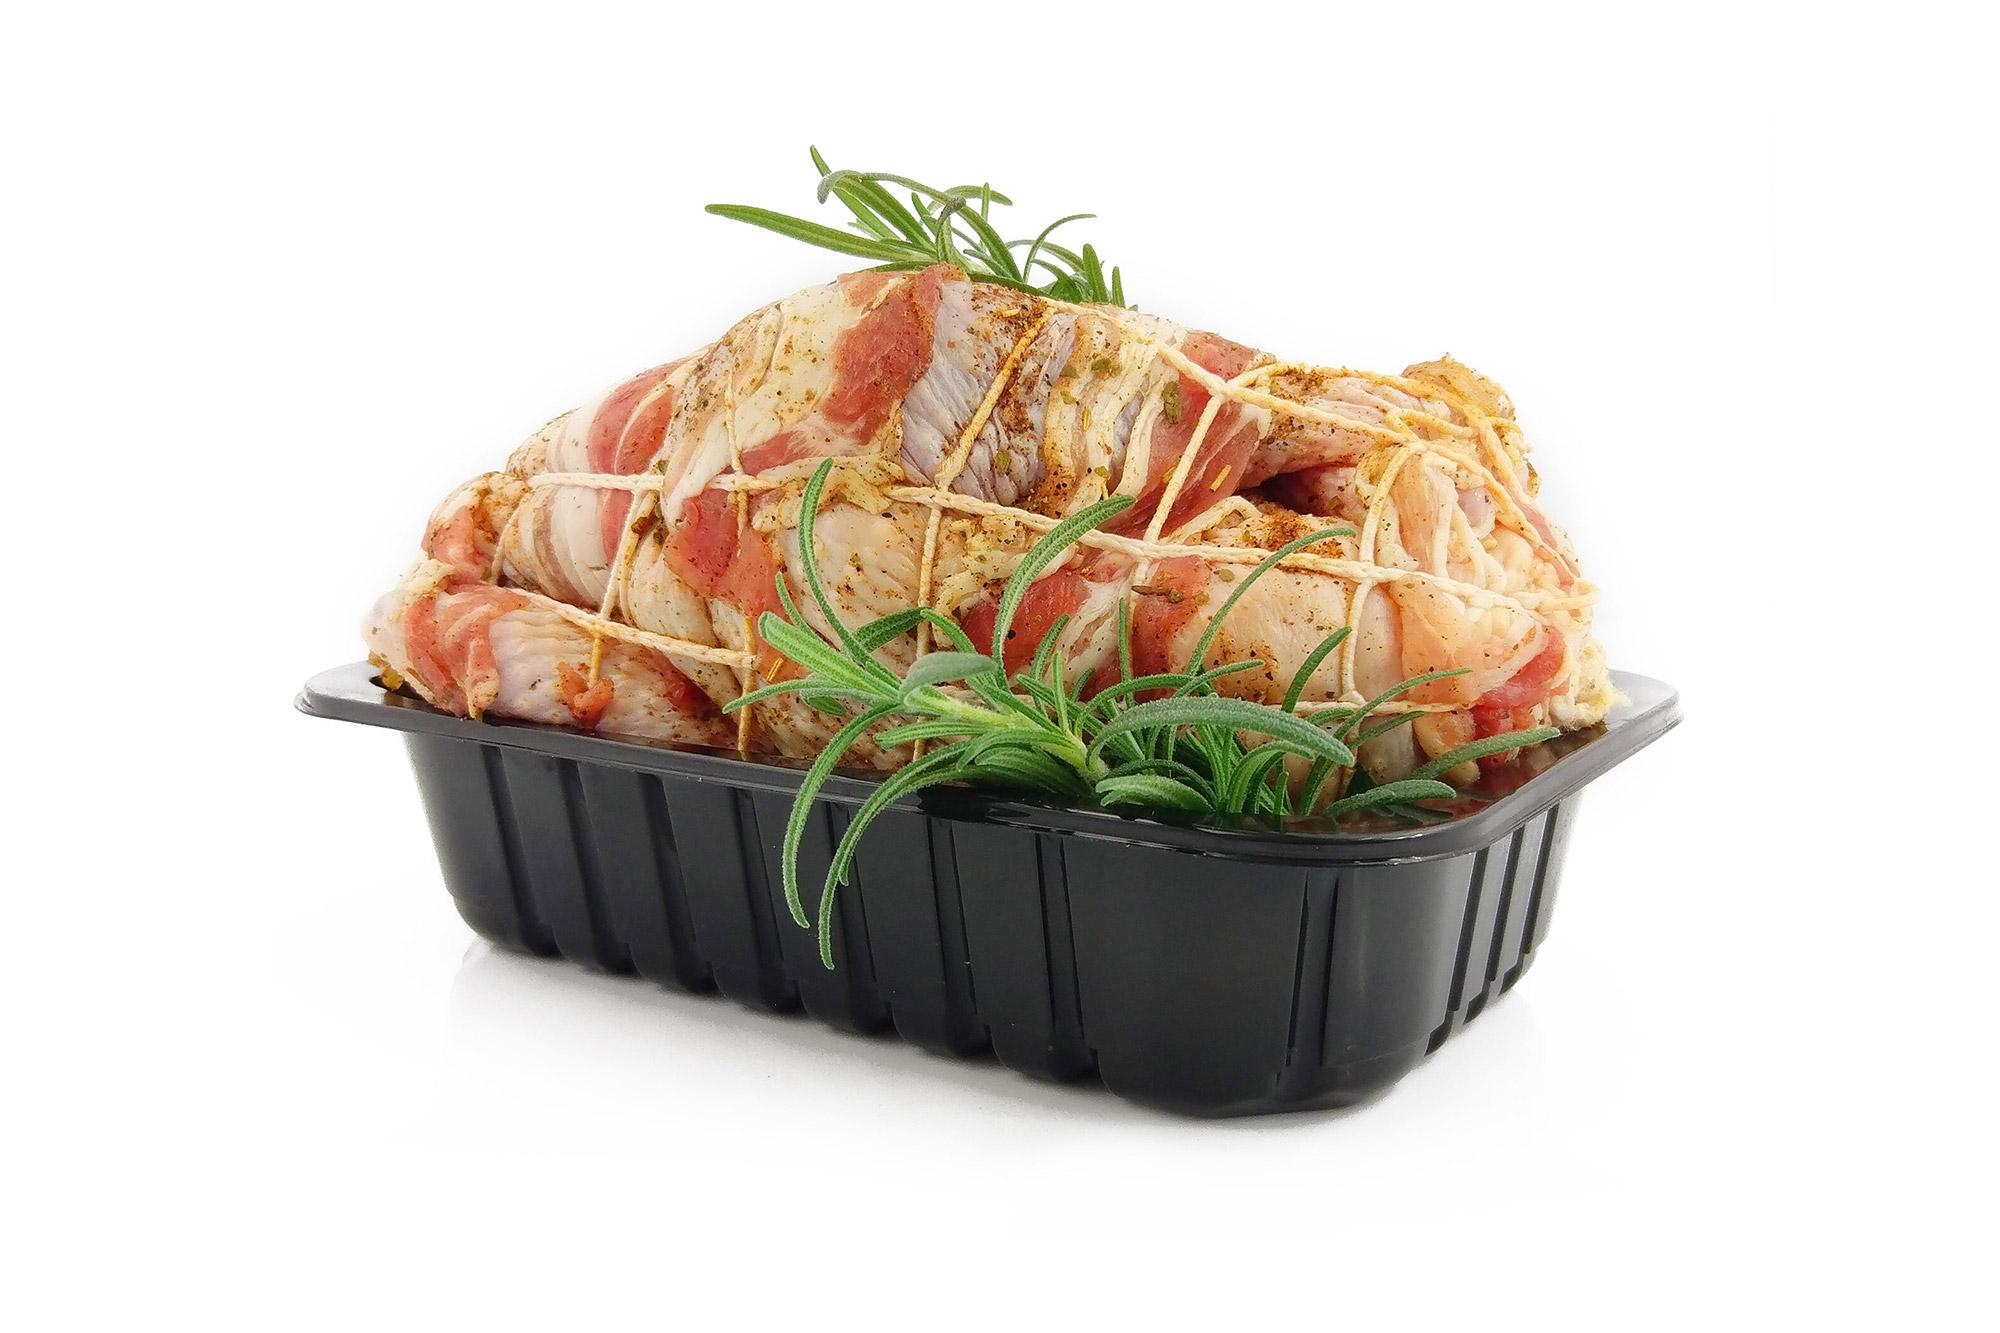 fotografia produktowa mięsa, zdjęcia mięsa, zdjęcia tuszy, fotografia drop produktów